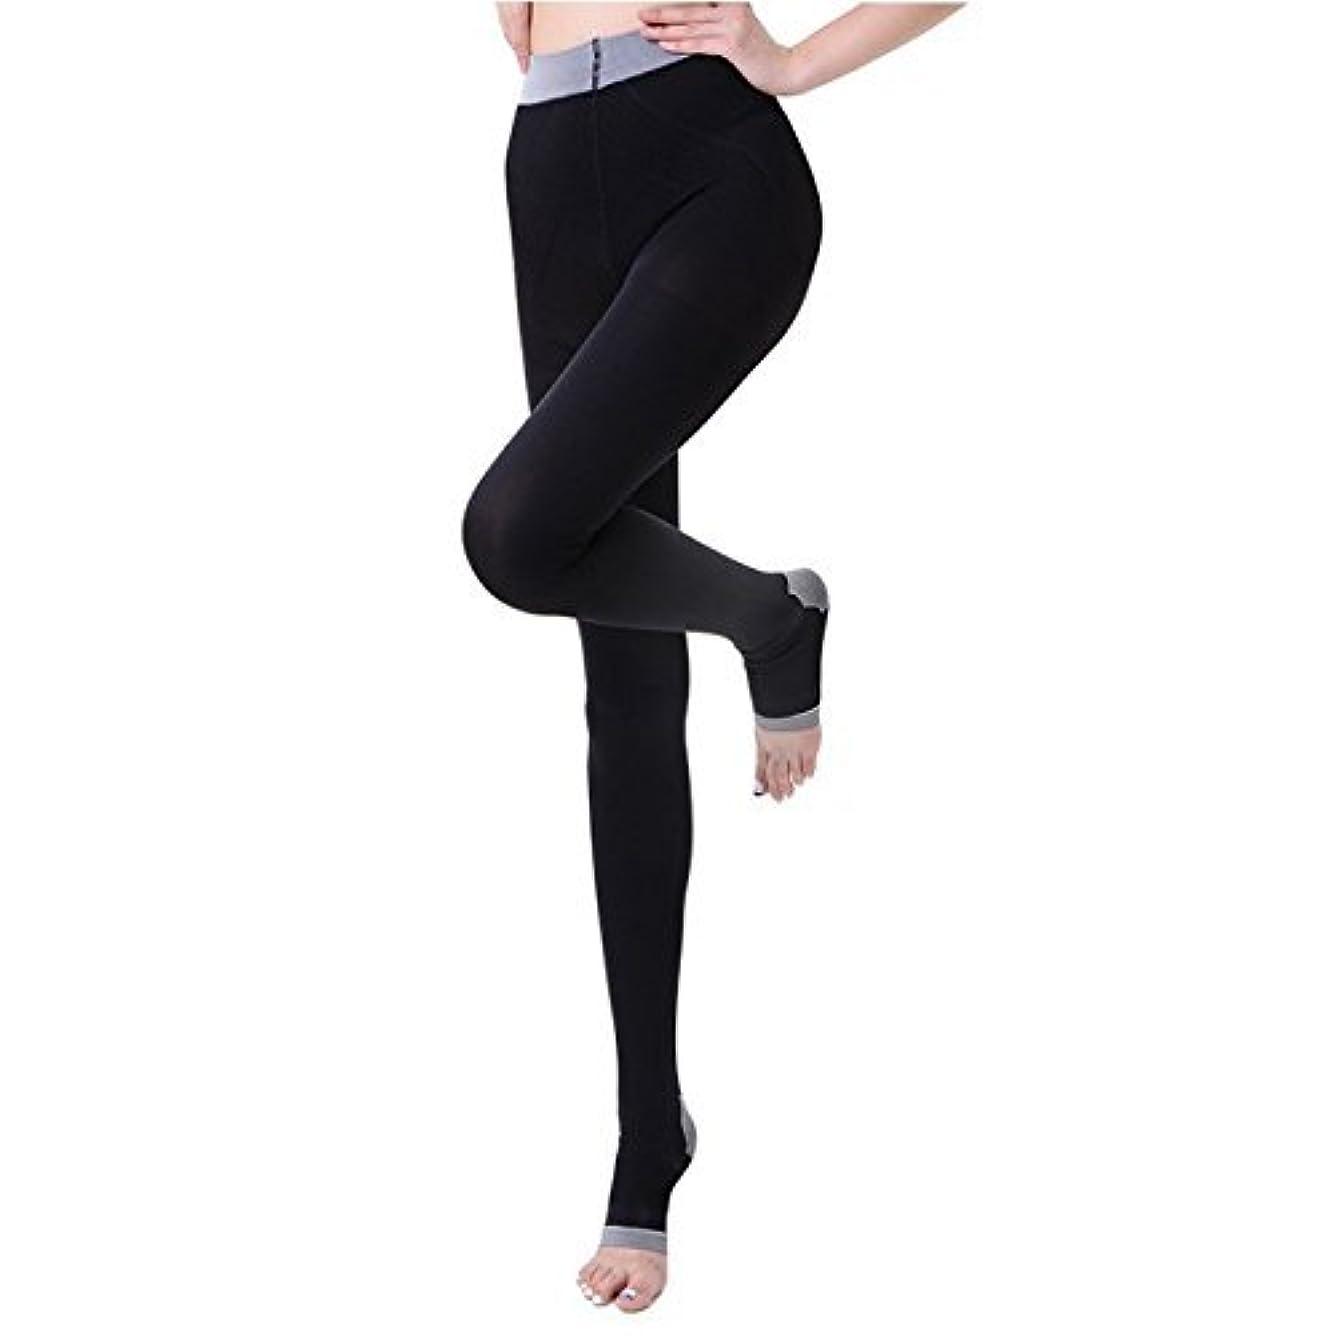 ボイコットのために楕円形NANA むくみ?足の疲れ解消  着圧ストッキング リンパケア 加圧式 冷え取り オープントゥ 寝ながら美脚ケア レディース 楽やせ 脚やせ 黒